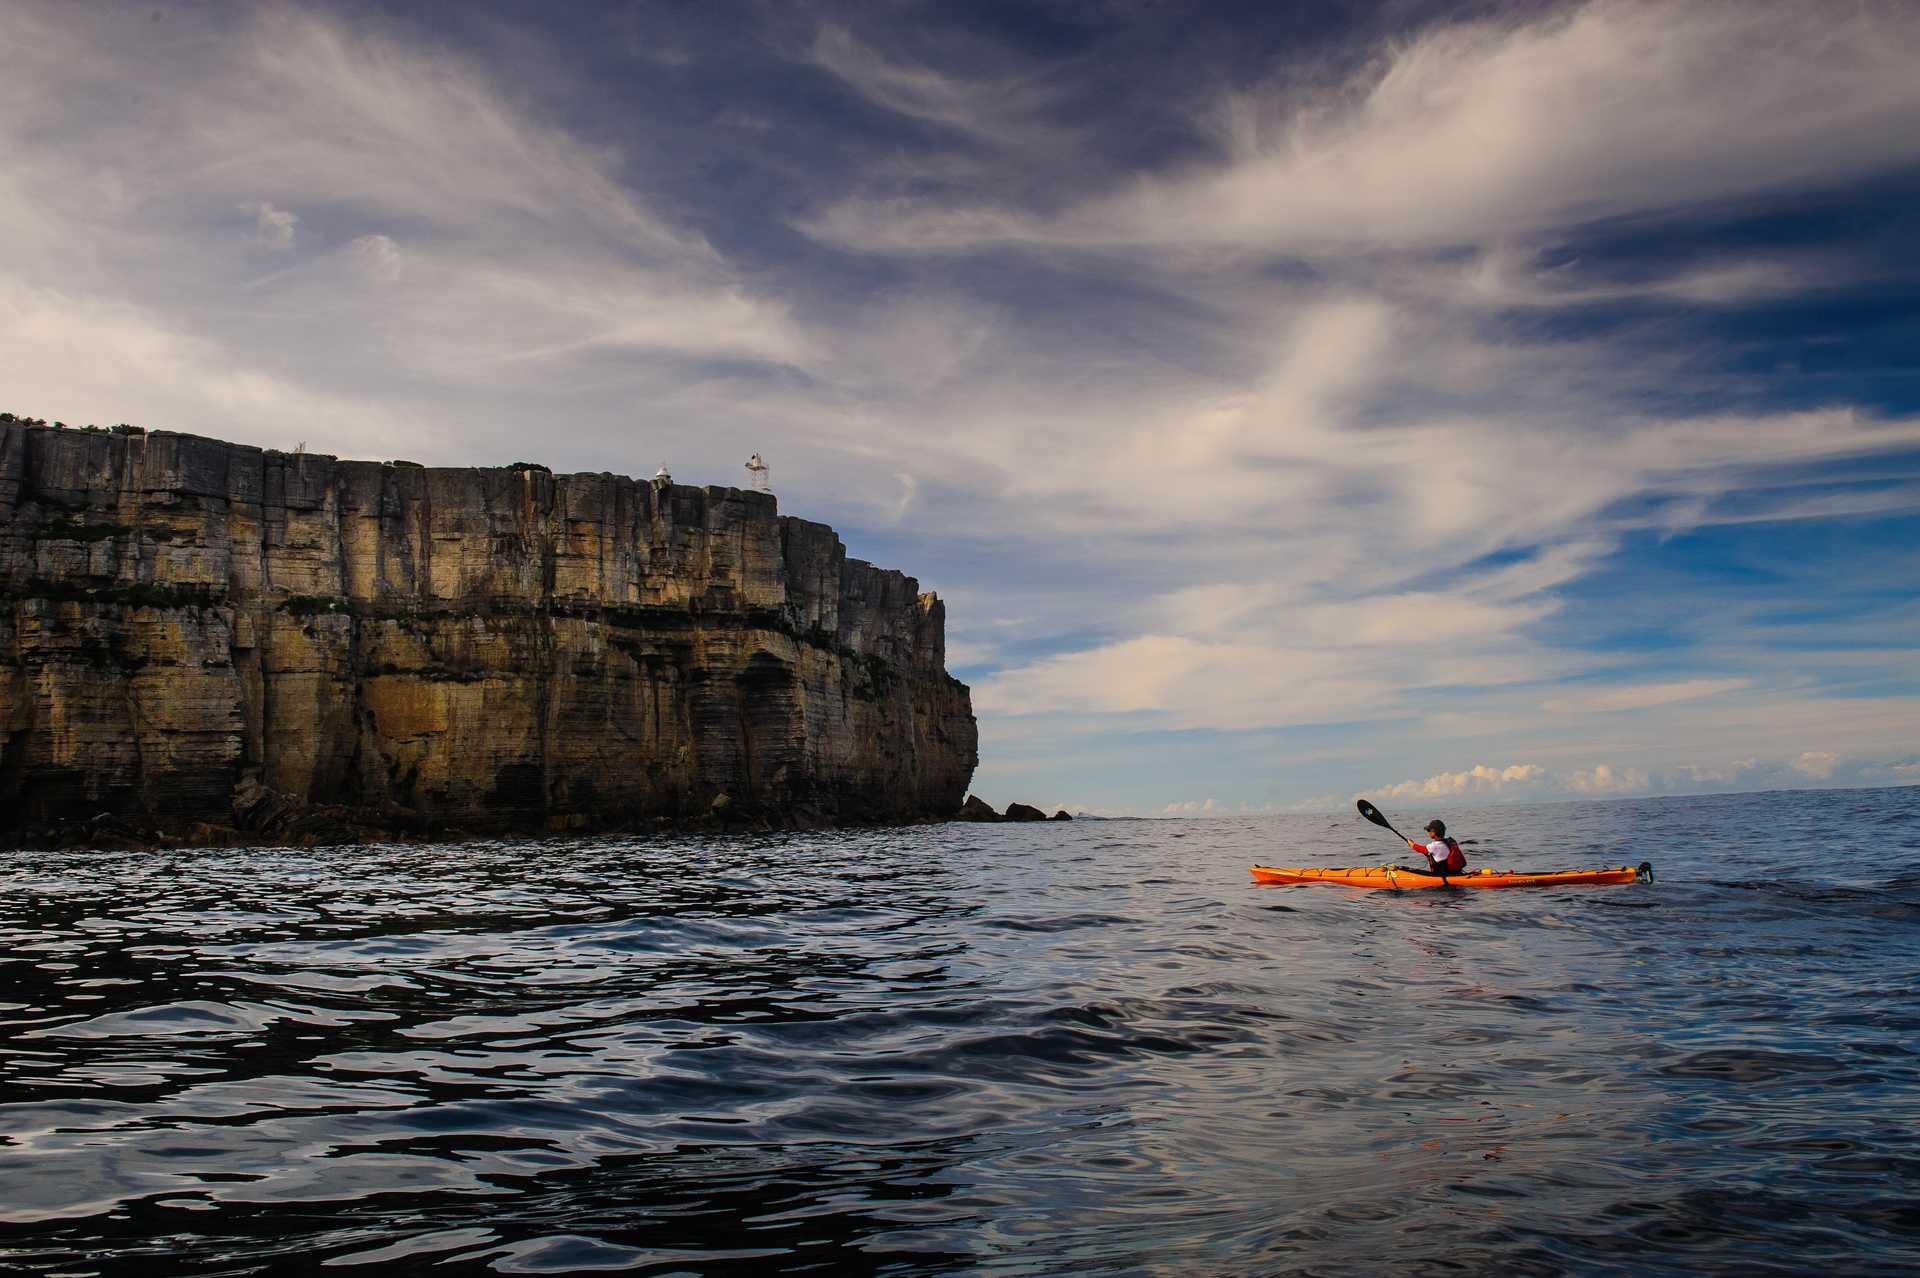 Kayakiste au milieu de l'eau et le long des falaises